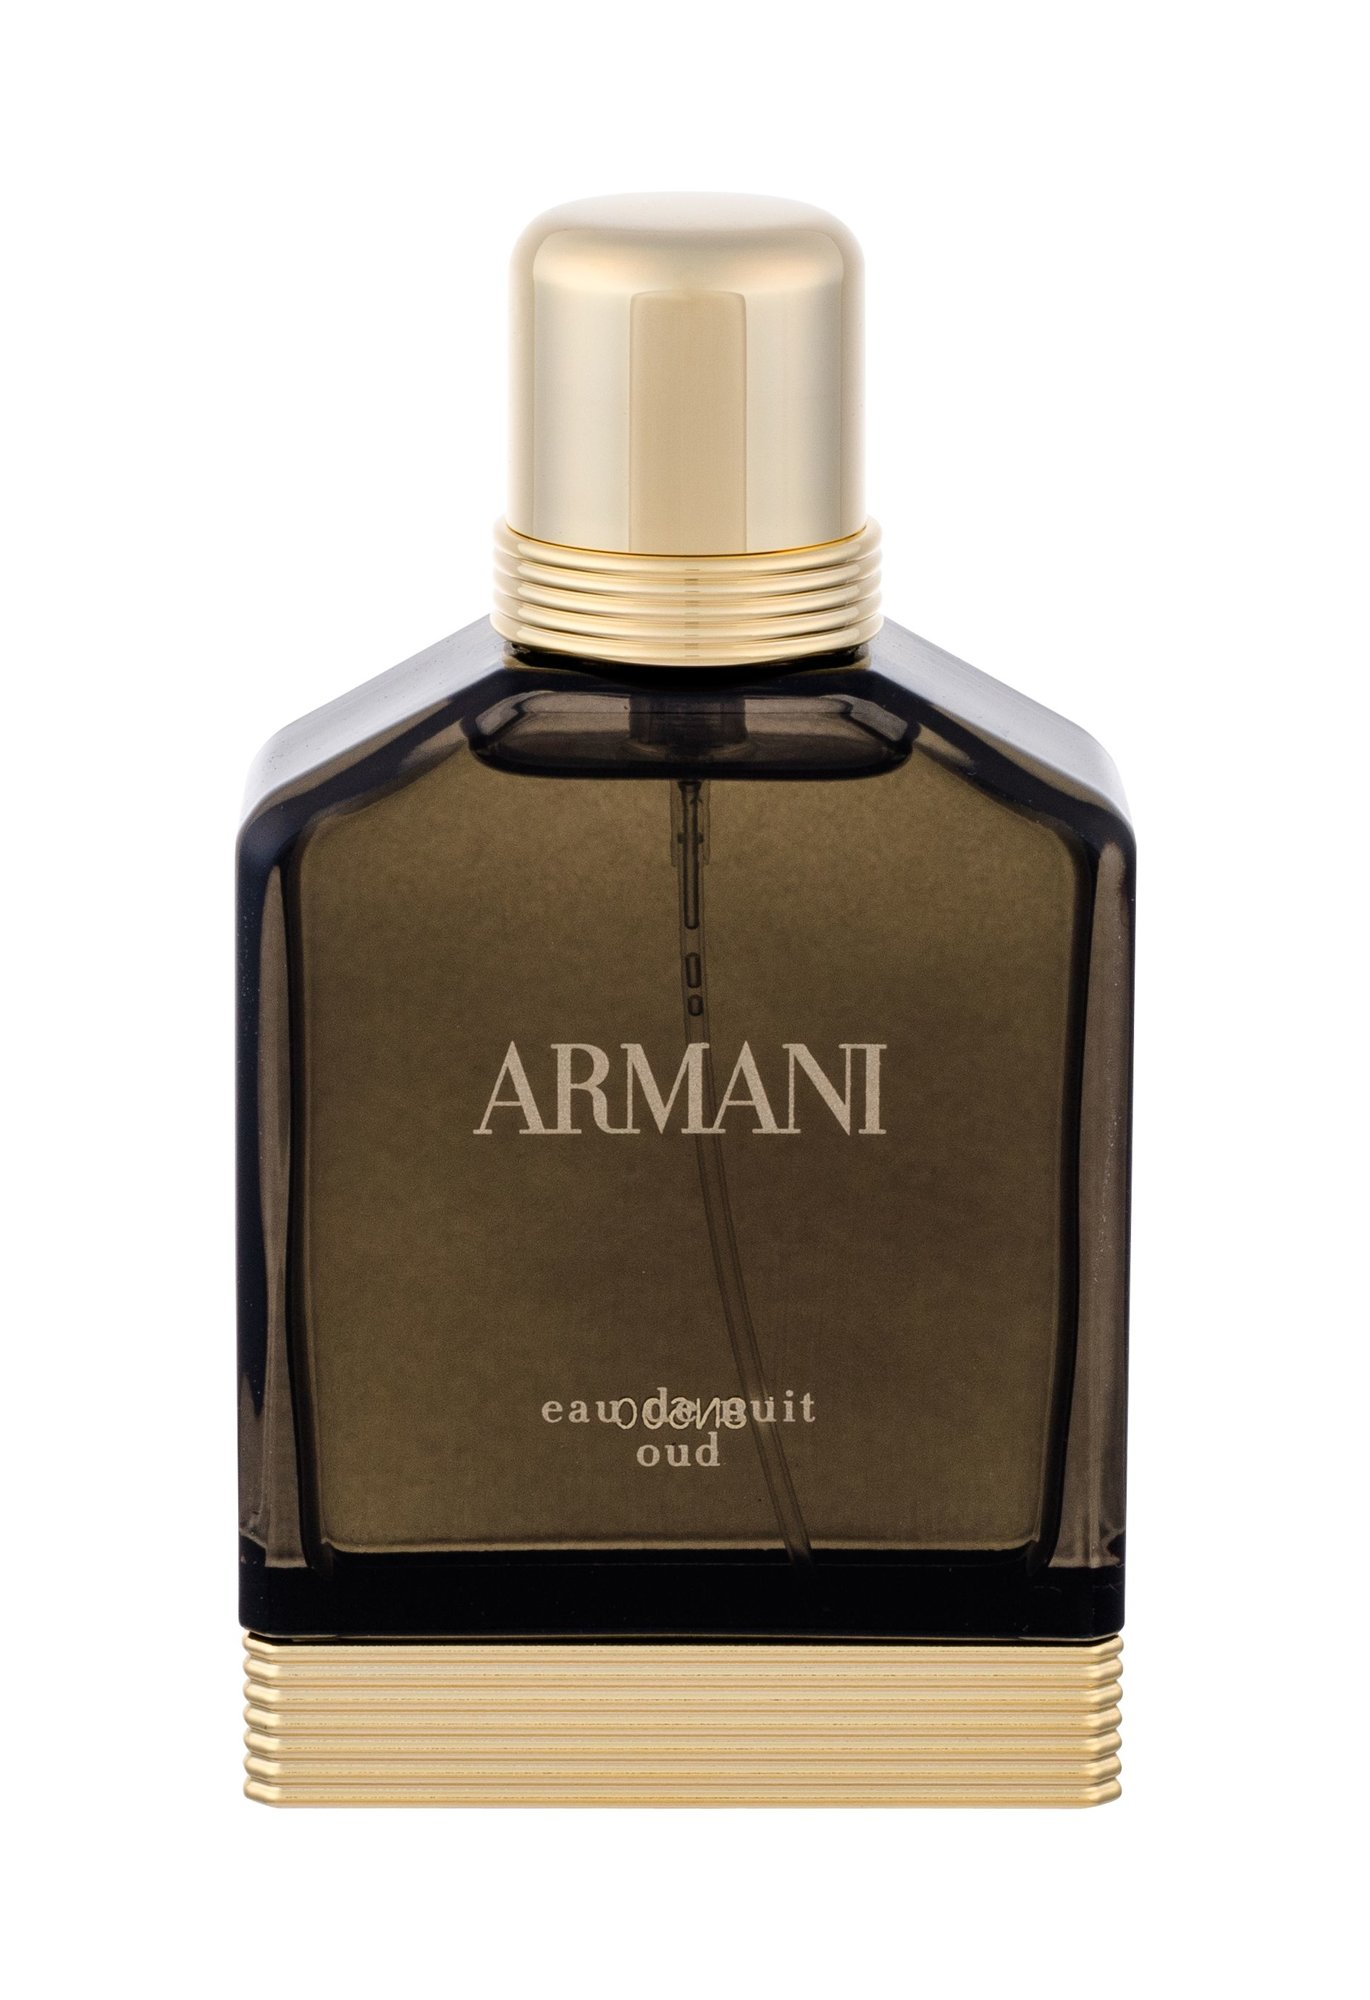 Giorgio Armani Eau de Nuit Oud EDP 50ml